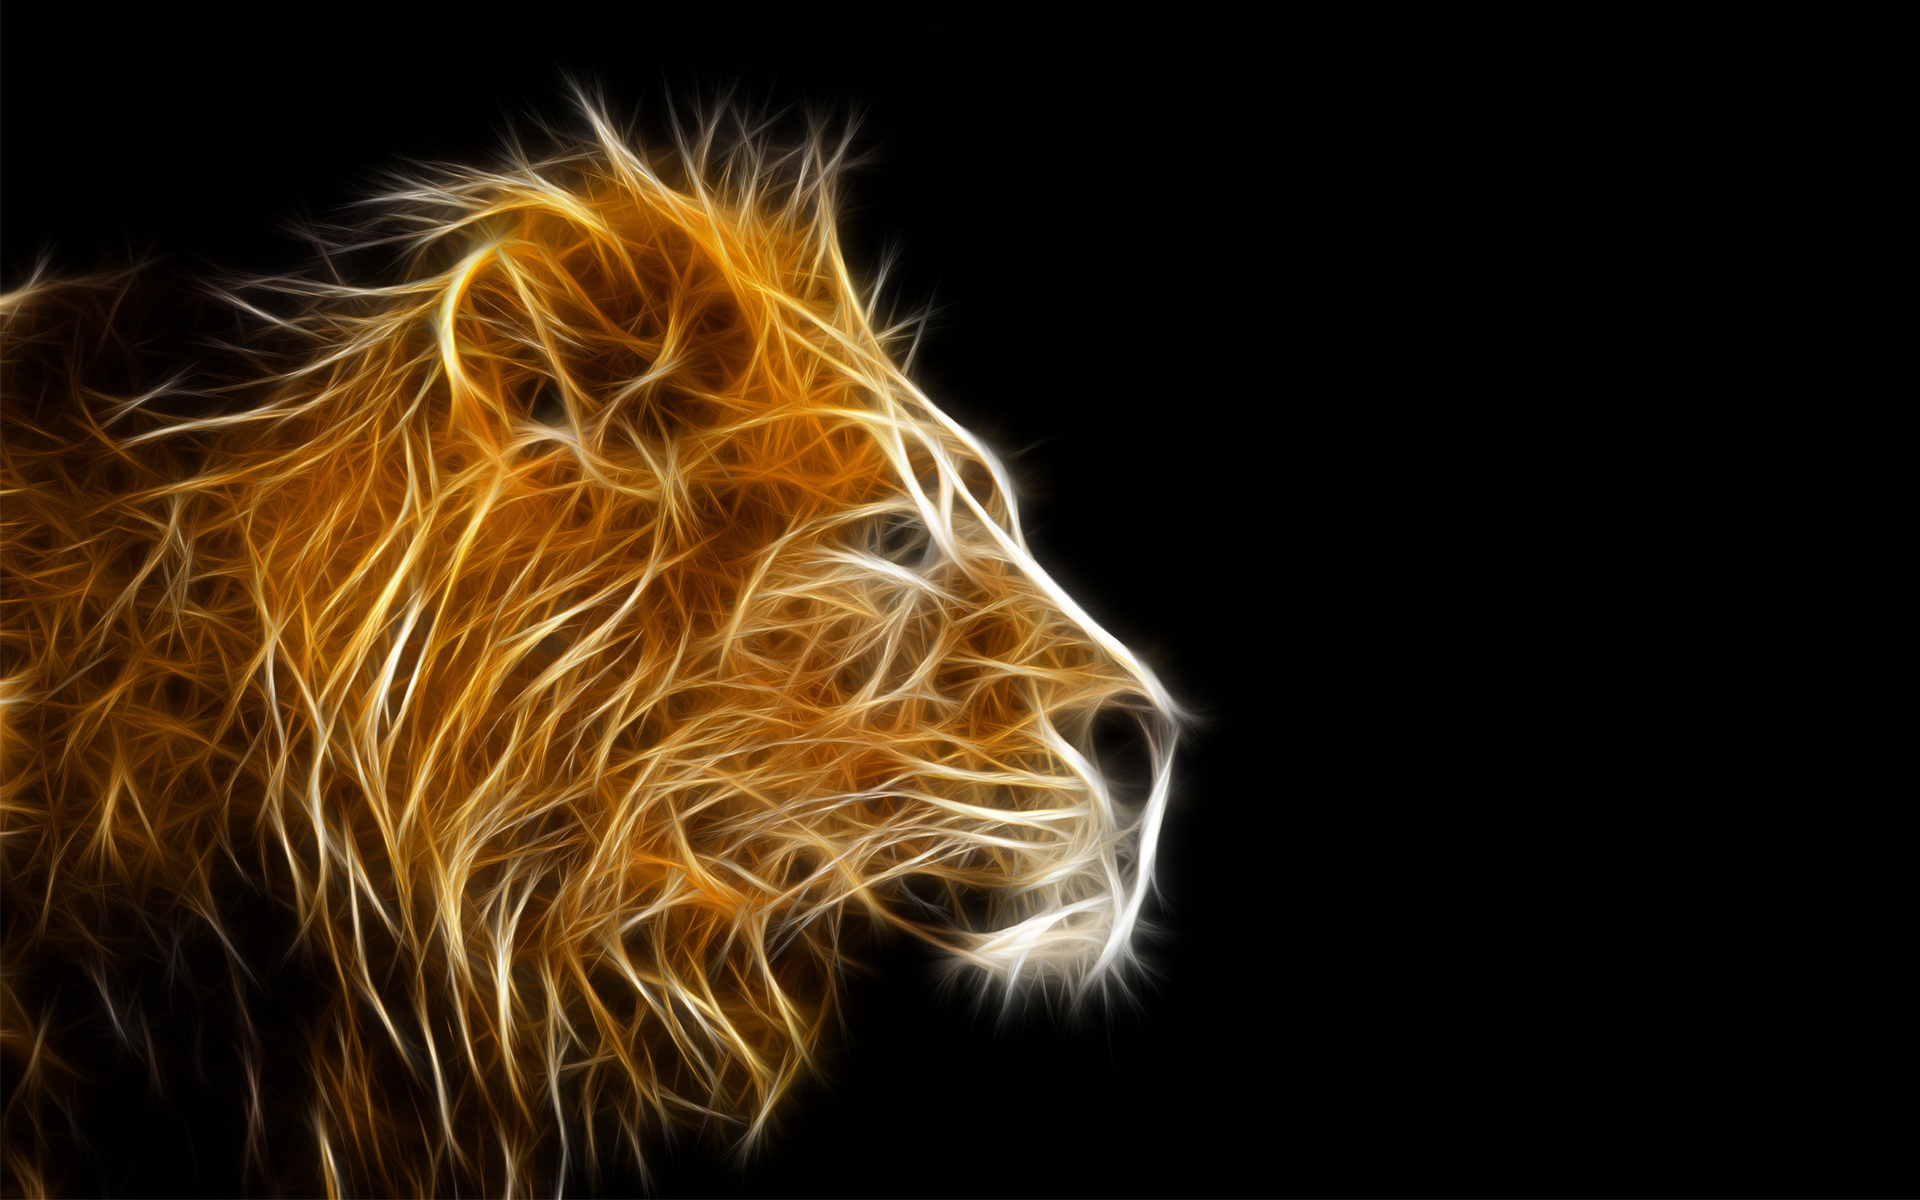 Cool Lion Wallpaper Graphic 3D